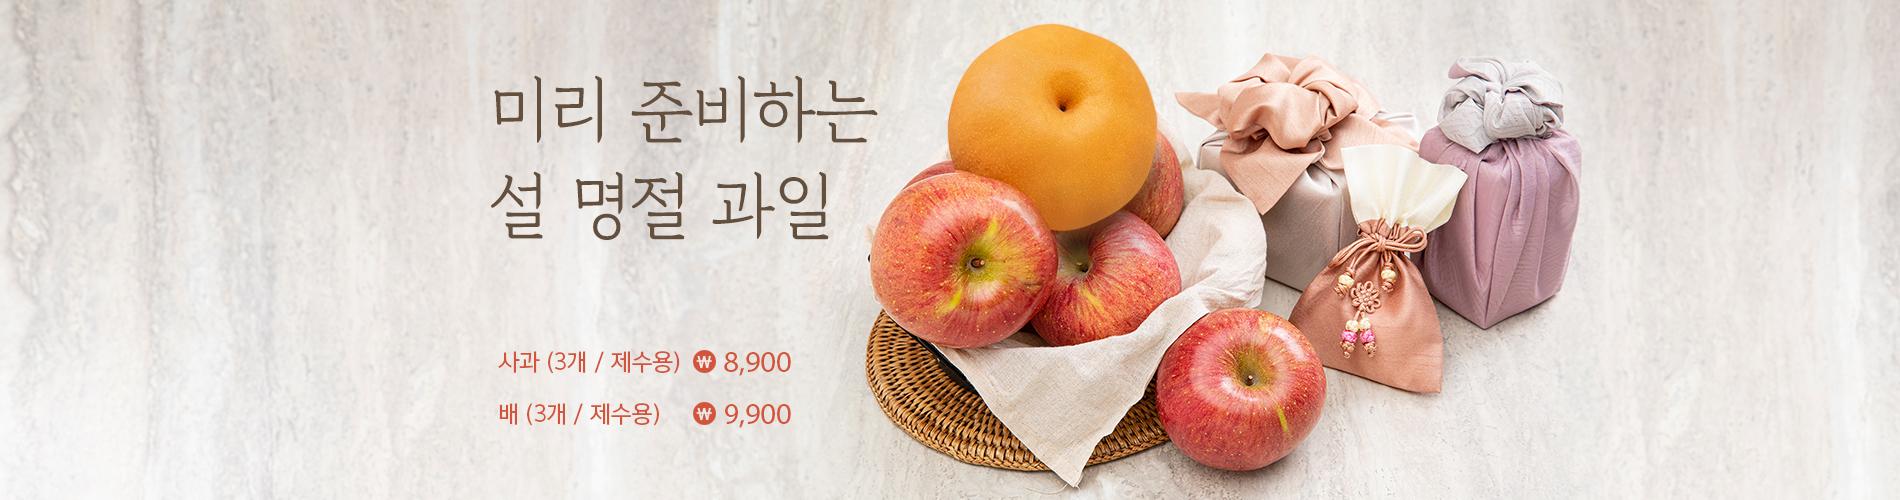 과일 모음